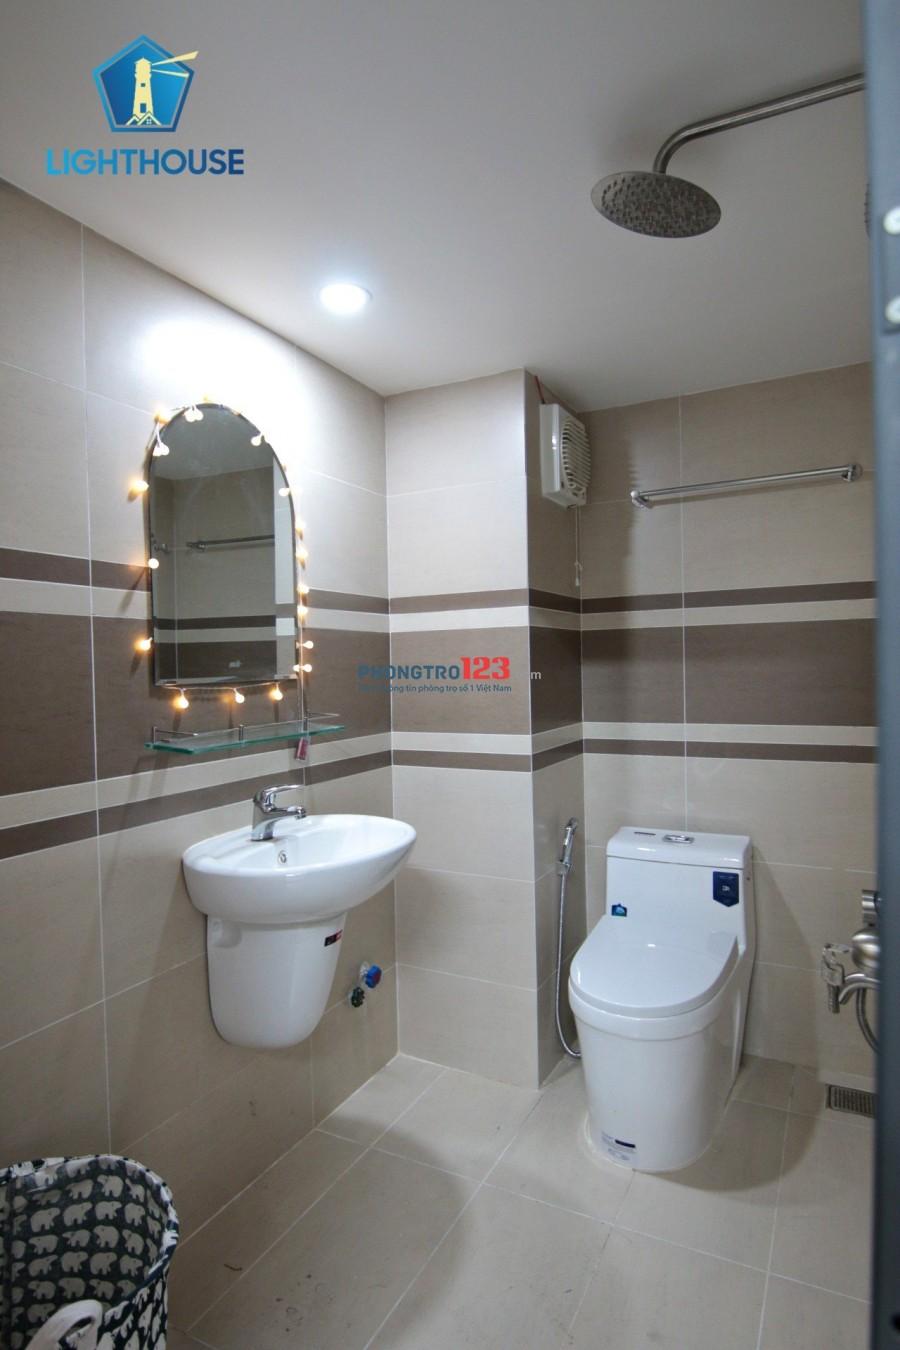 Nhà Trọ, Căn hộ cao cấp mới xây, an ninh. Nguyễn Văn Thương, P25, Bình Thạnh (D1 cũ)